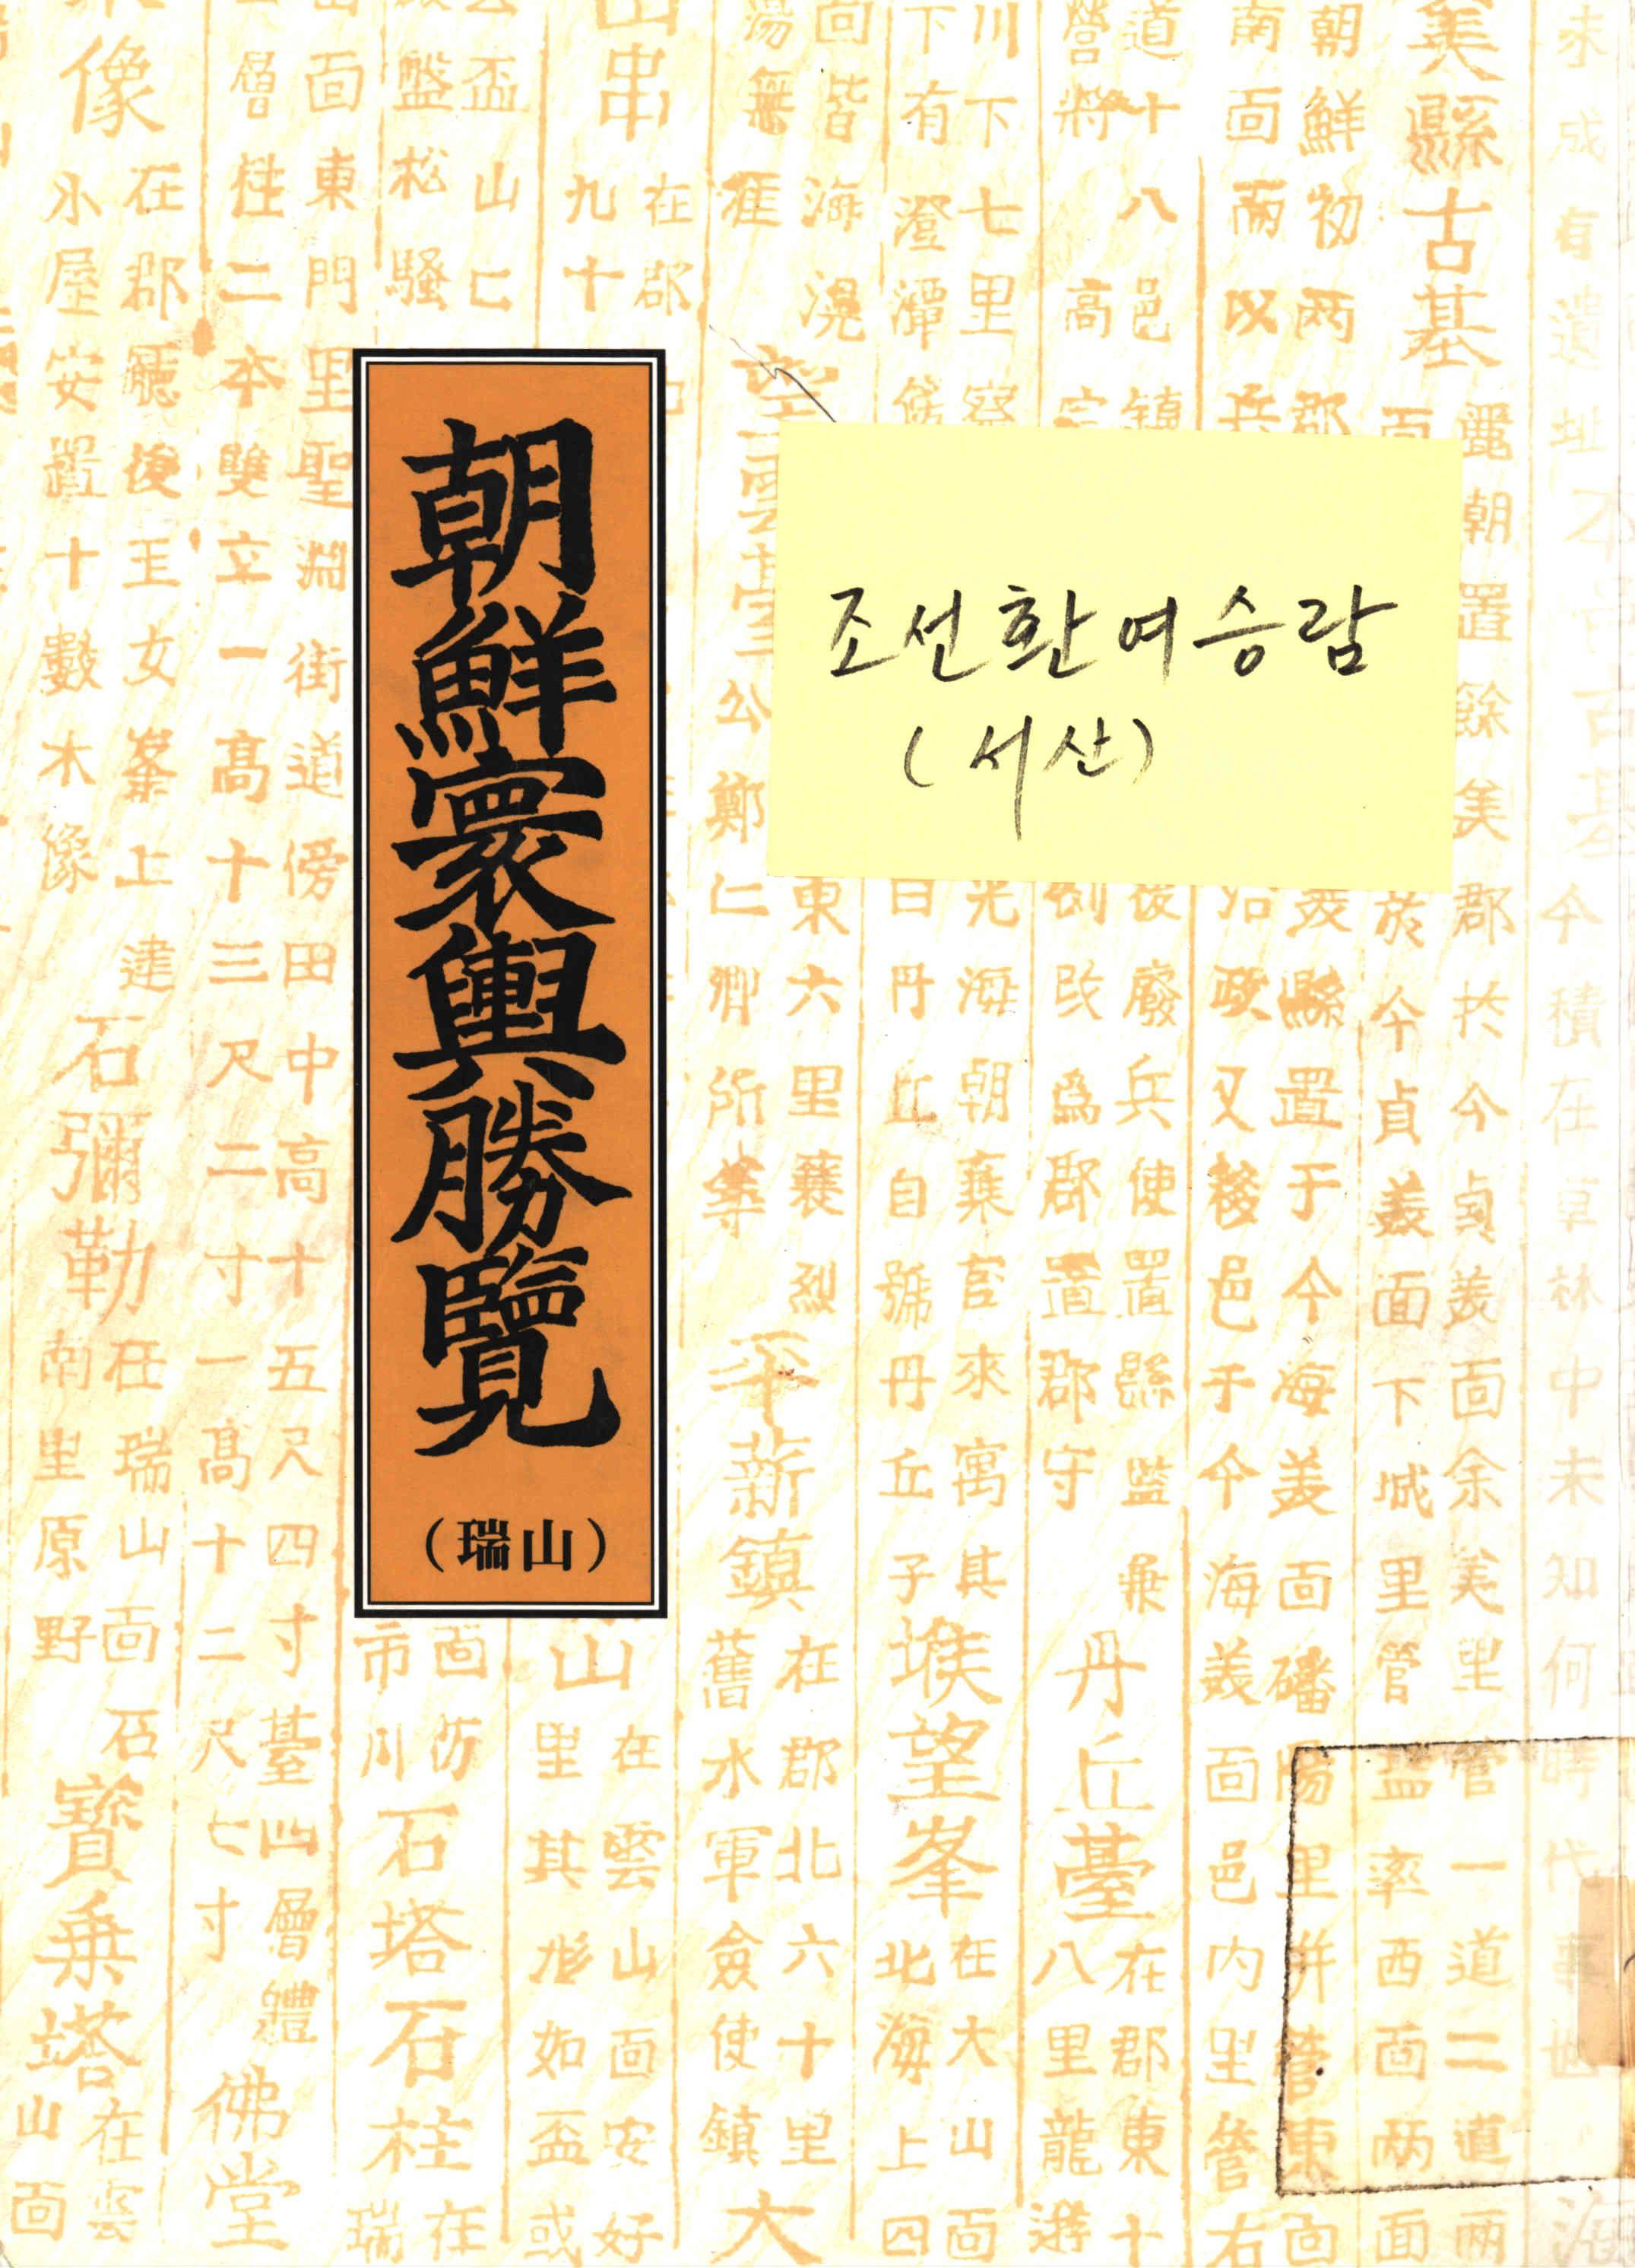 朝鮮寰輿勝覽-瑞山 (조선환여승람-서산)